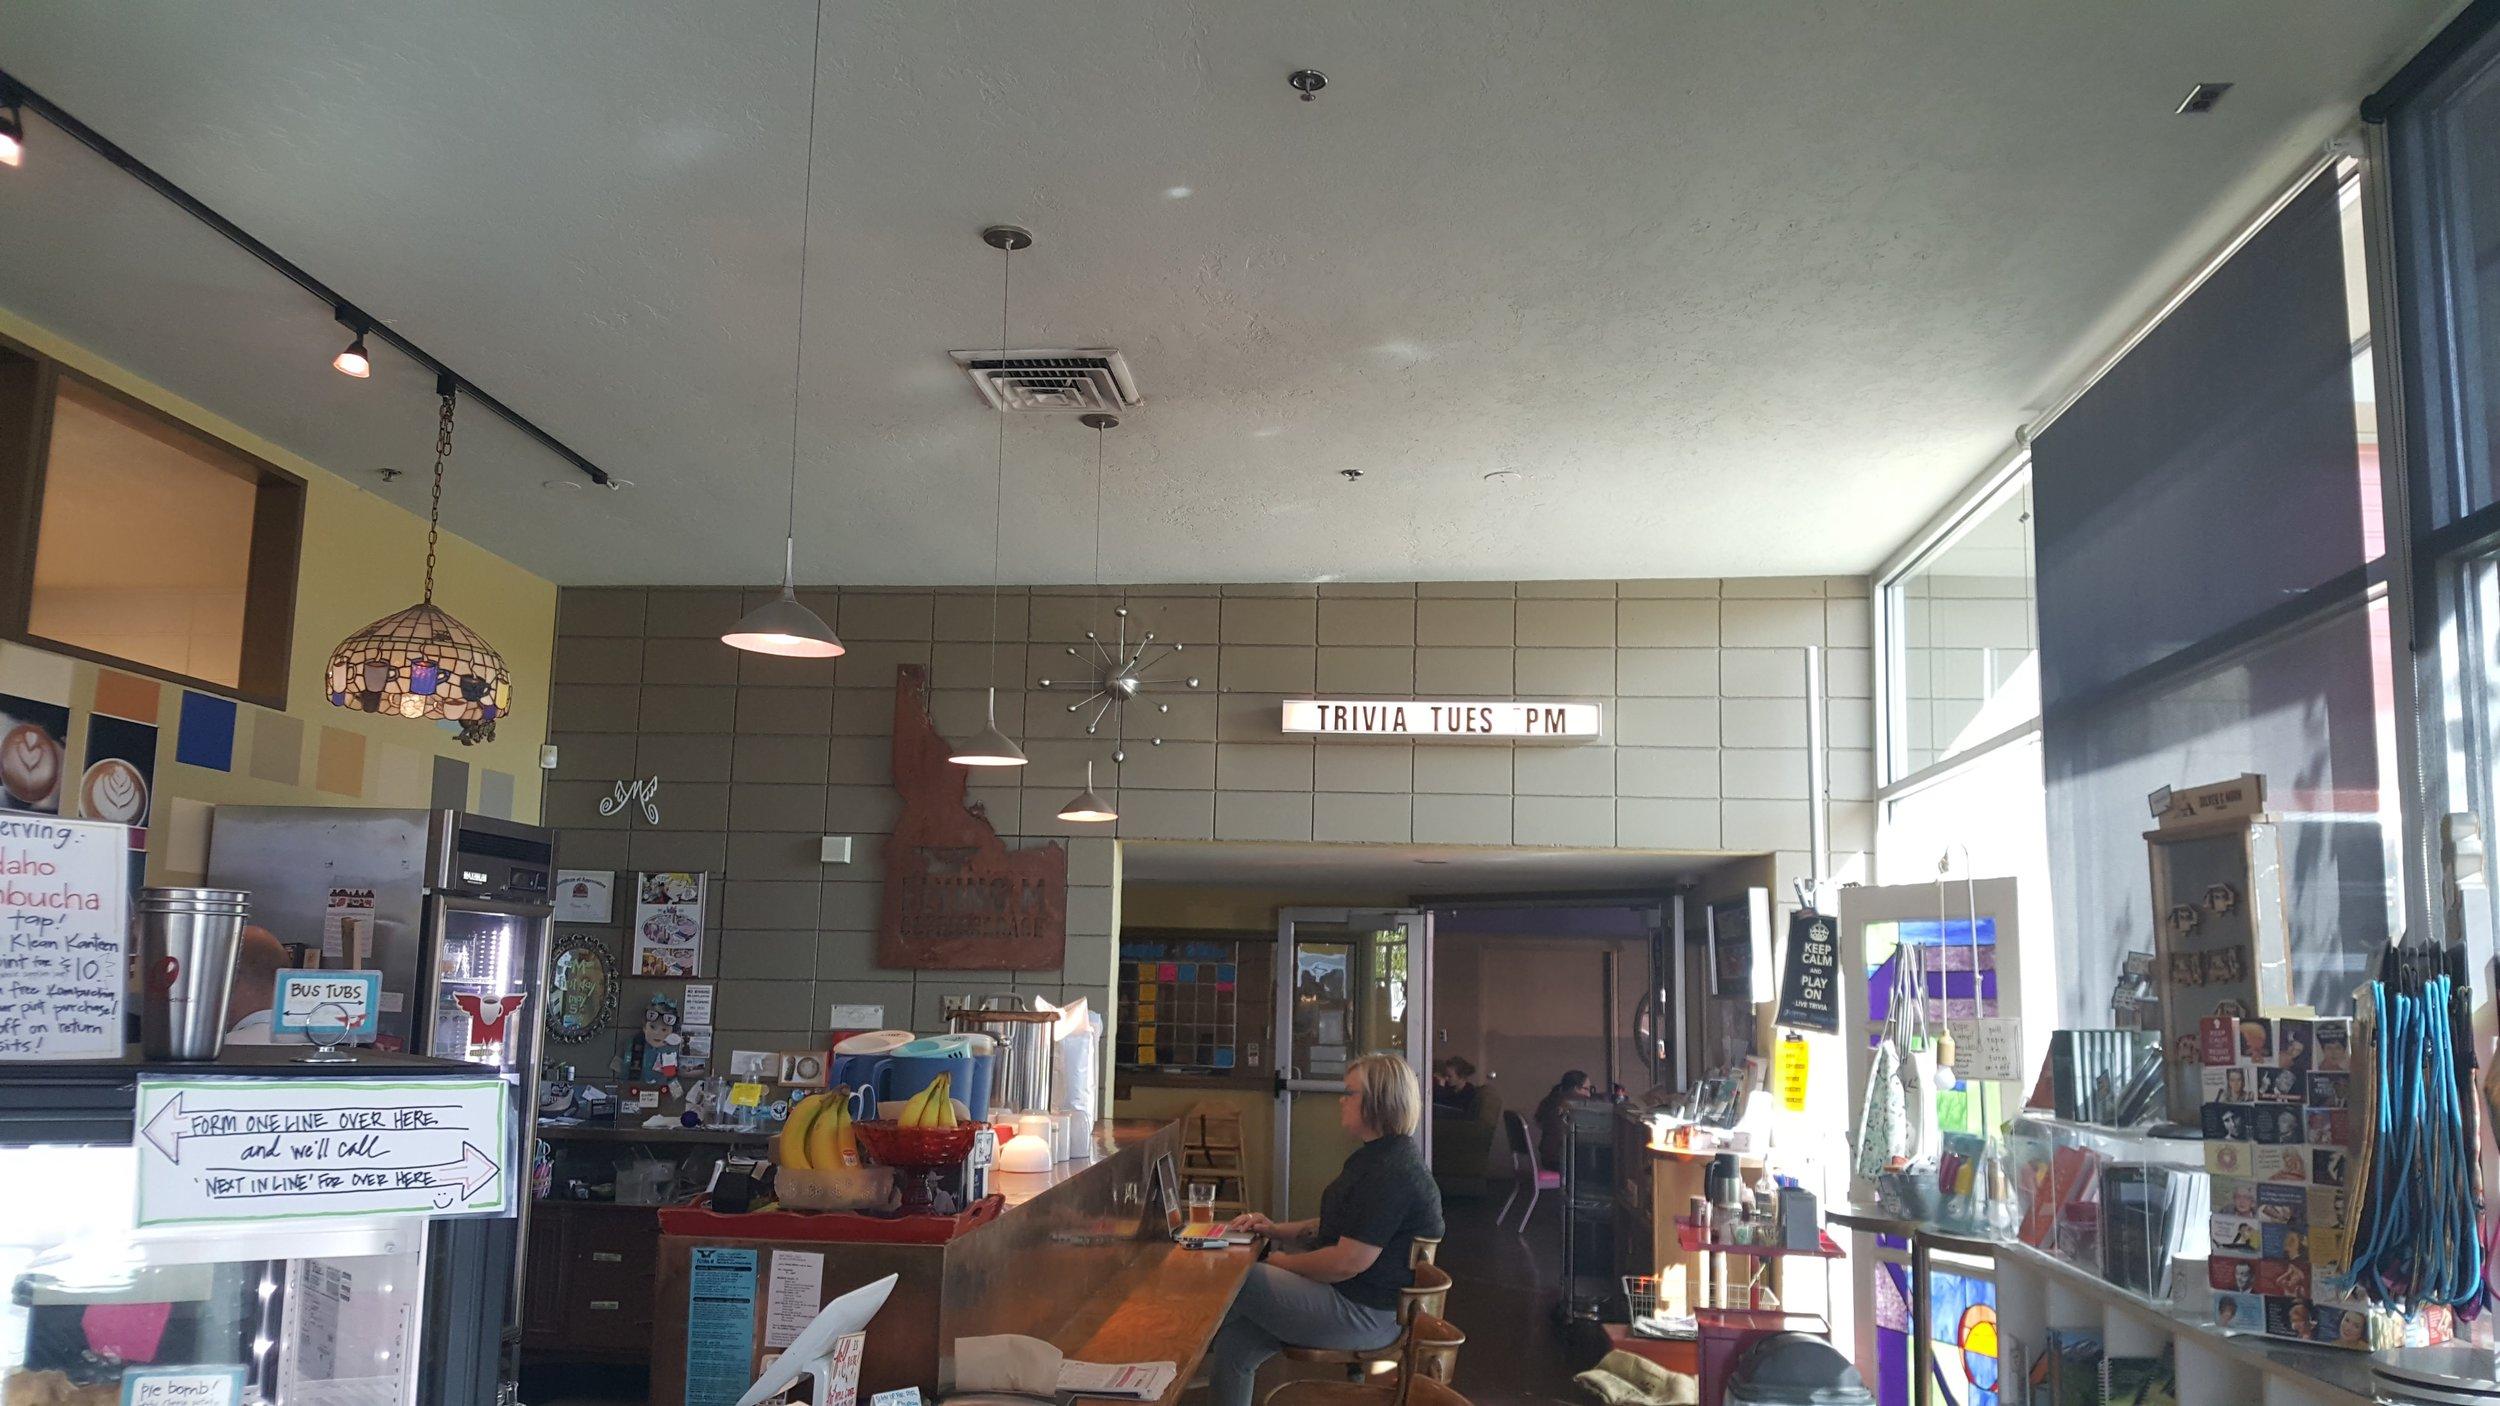 m flying cafe.jpg